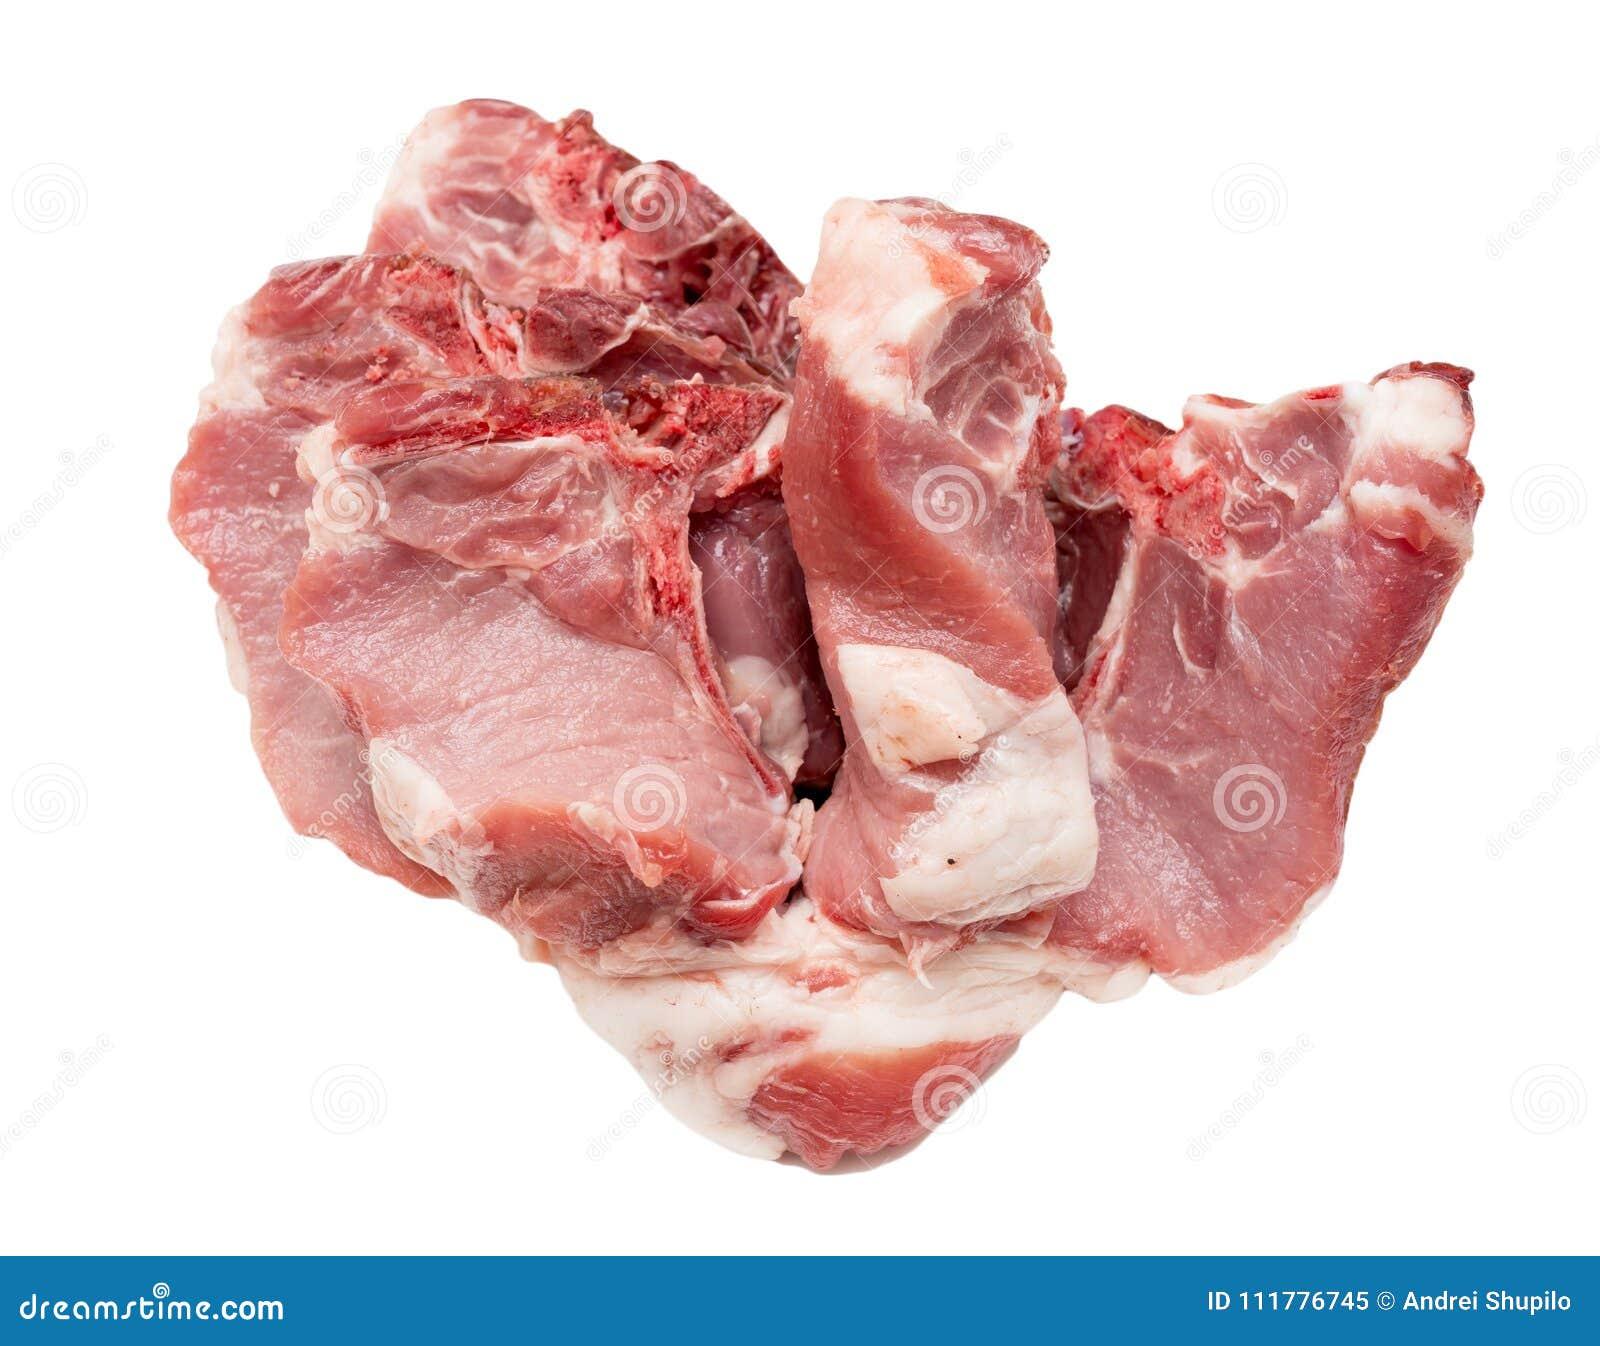 Schweinefleisch auf einem weißen Hintergrund